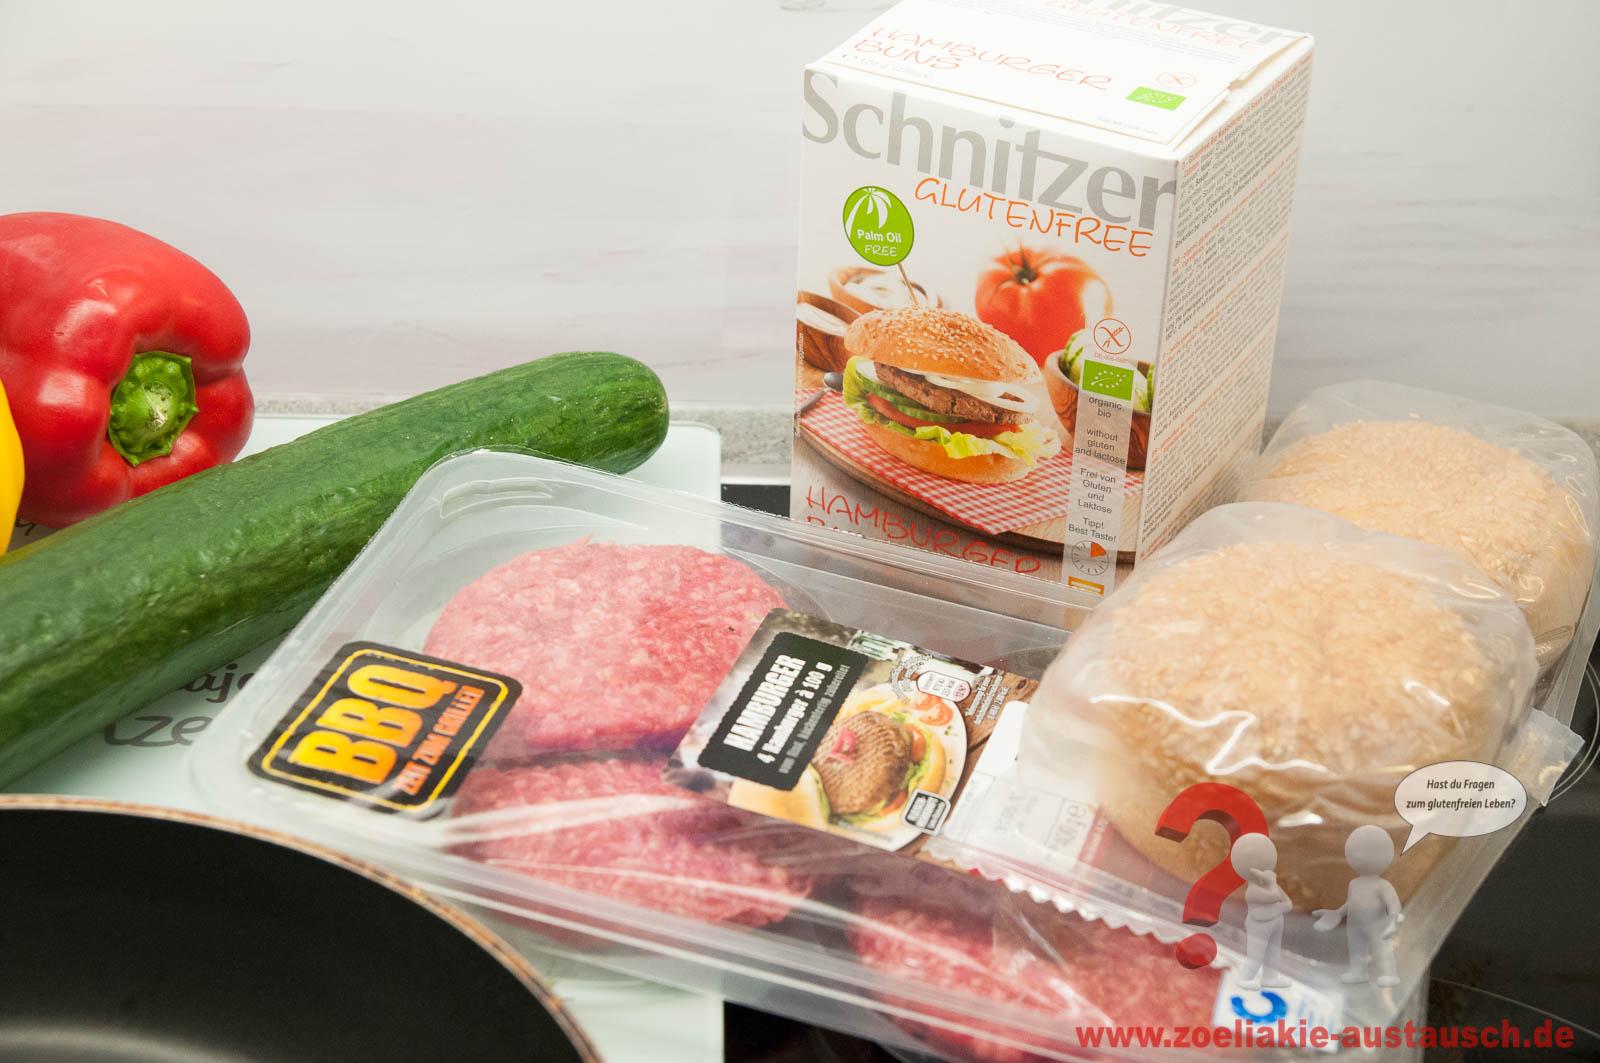 Zoeliakie-Austausch_Schnitzer_Burger_Broetchen_21